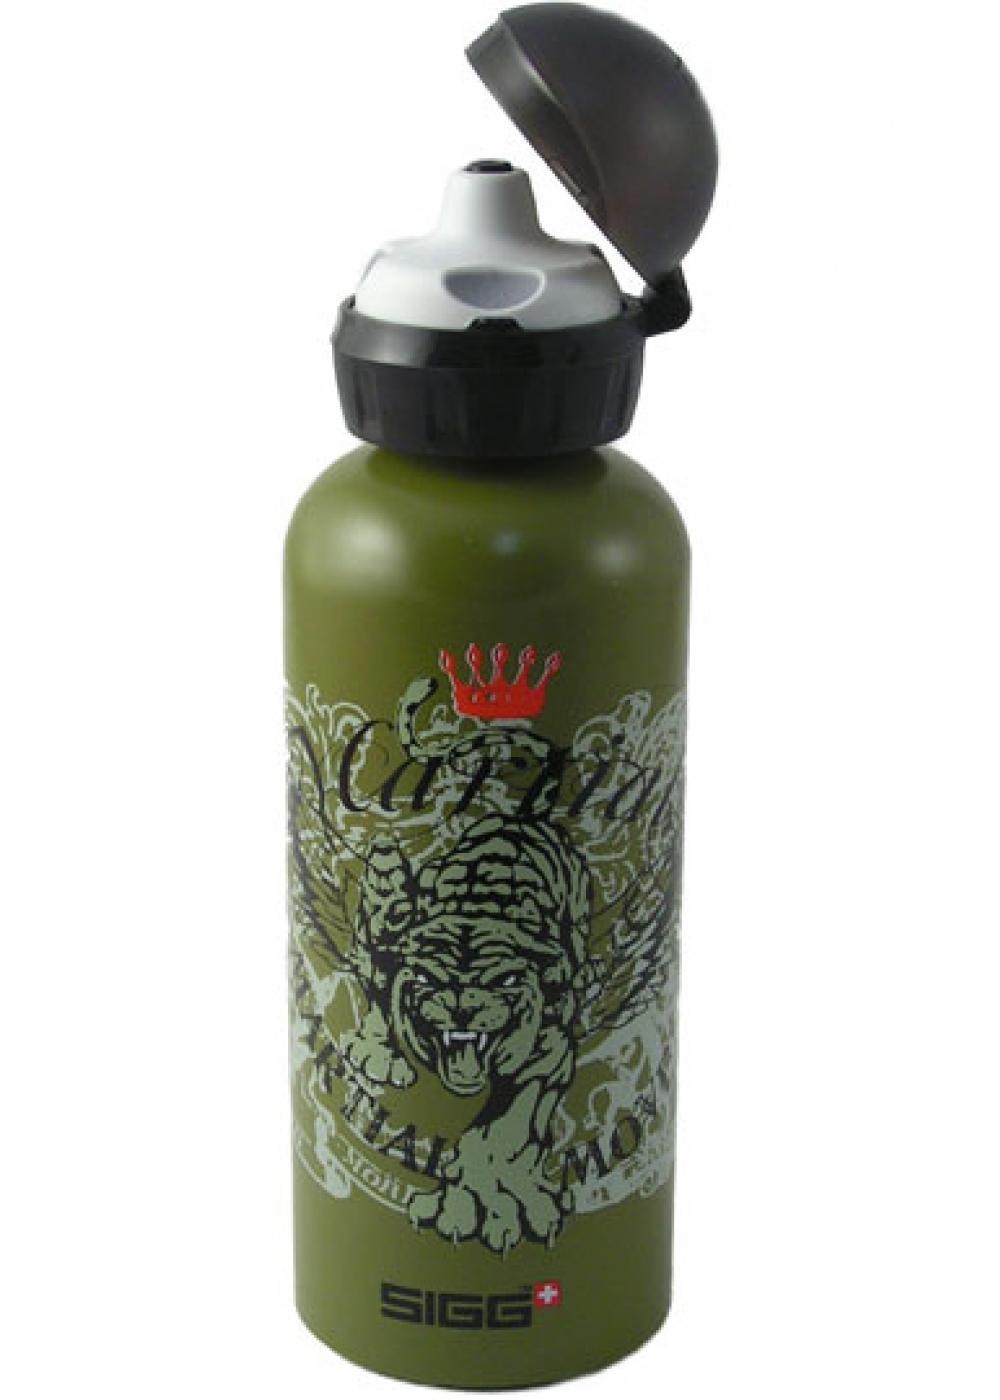 sigg junior tiger king 0 6 liter sigg kinder flaschen loosli swiss memories. Black Bedroom Furniture Sets. Home Design Ideas